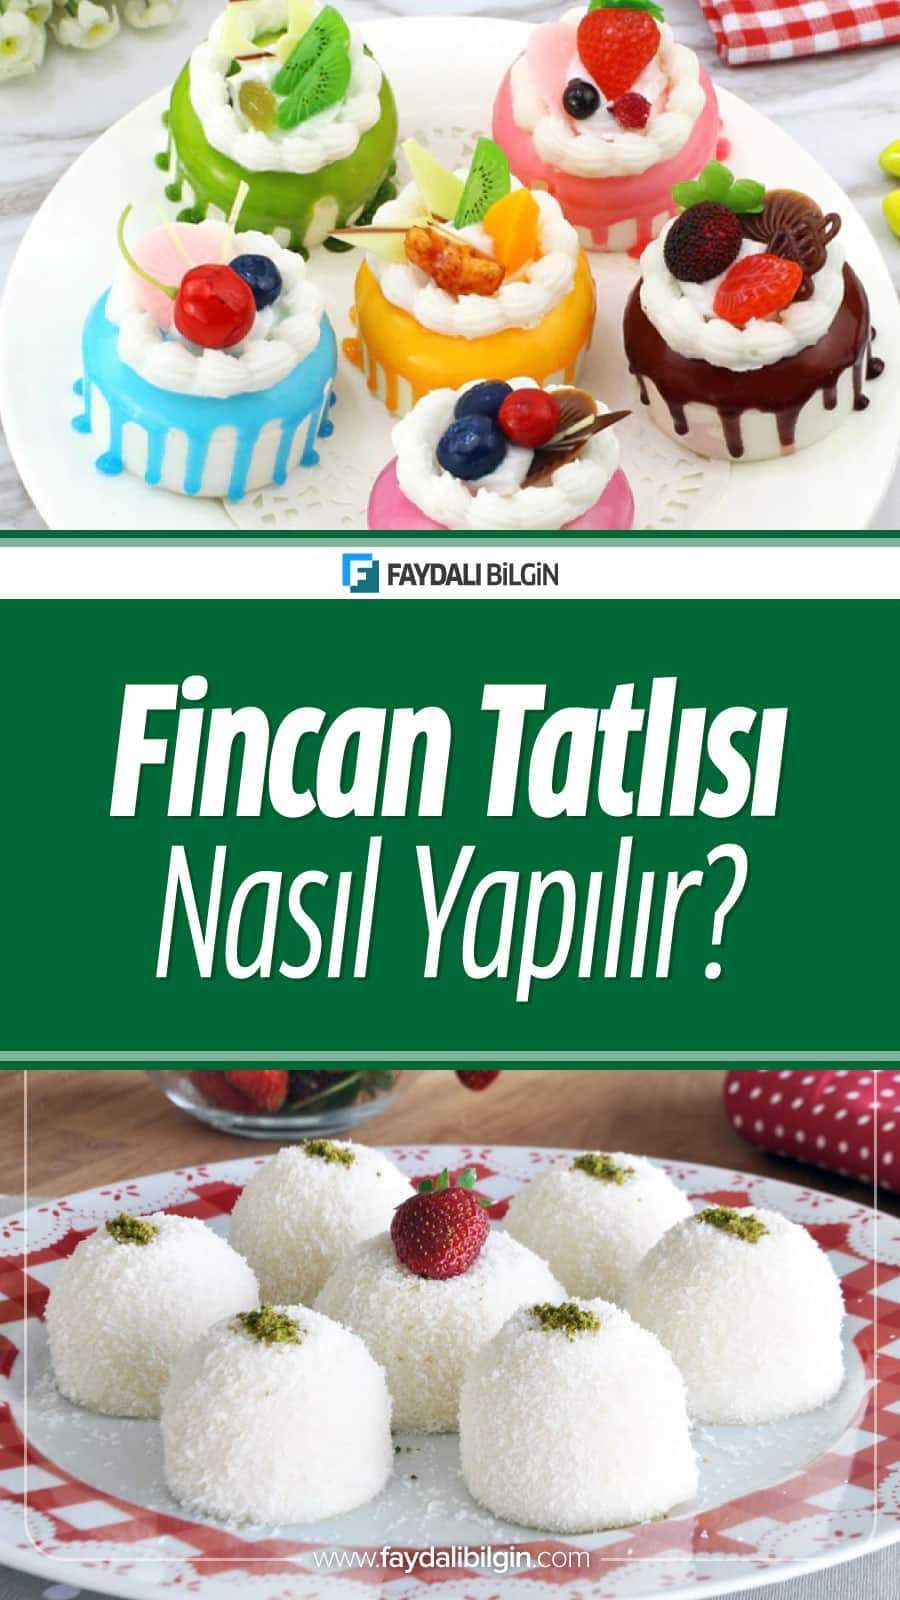 Fincan Tatlısı - Sütlü Pratik Tatlı Tarifi Nasıl Yapılır?